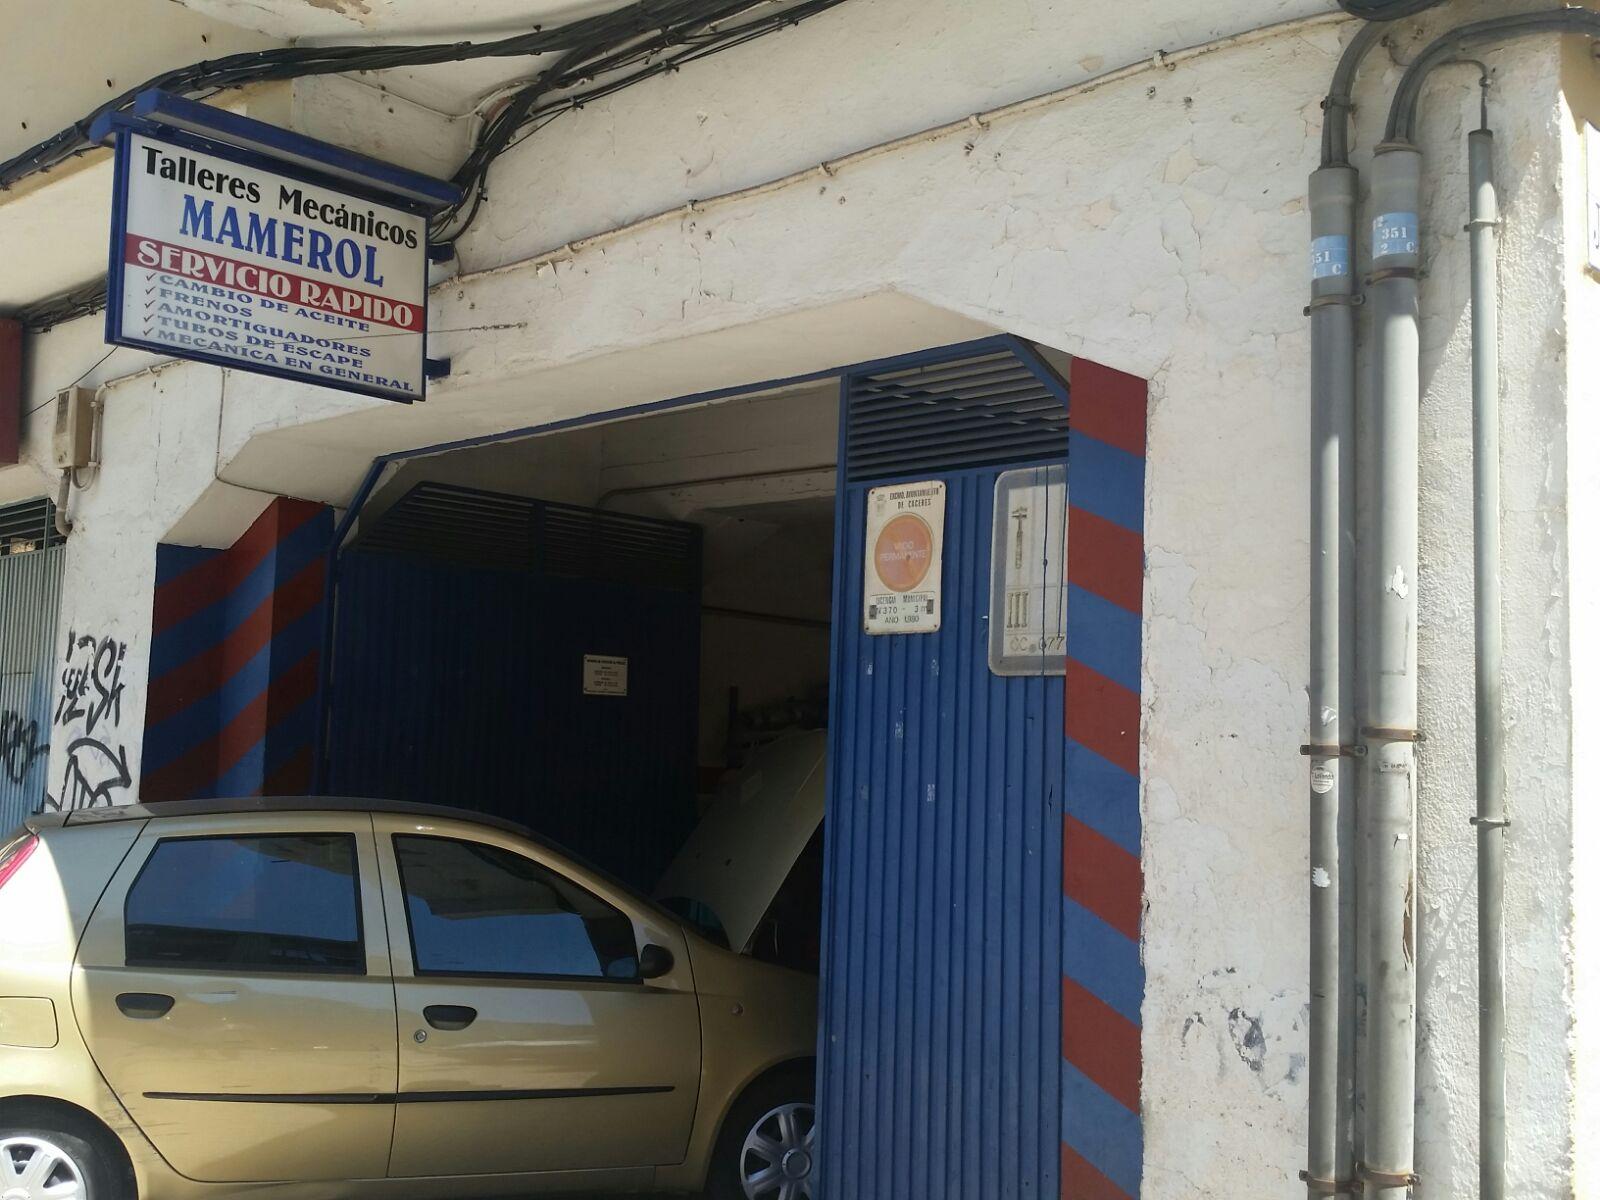 TALLERES MAMEROL, Taller ecómico en Cáceres